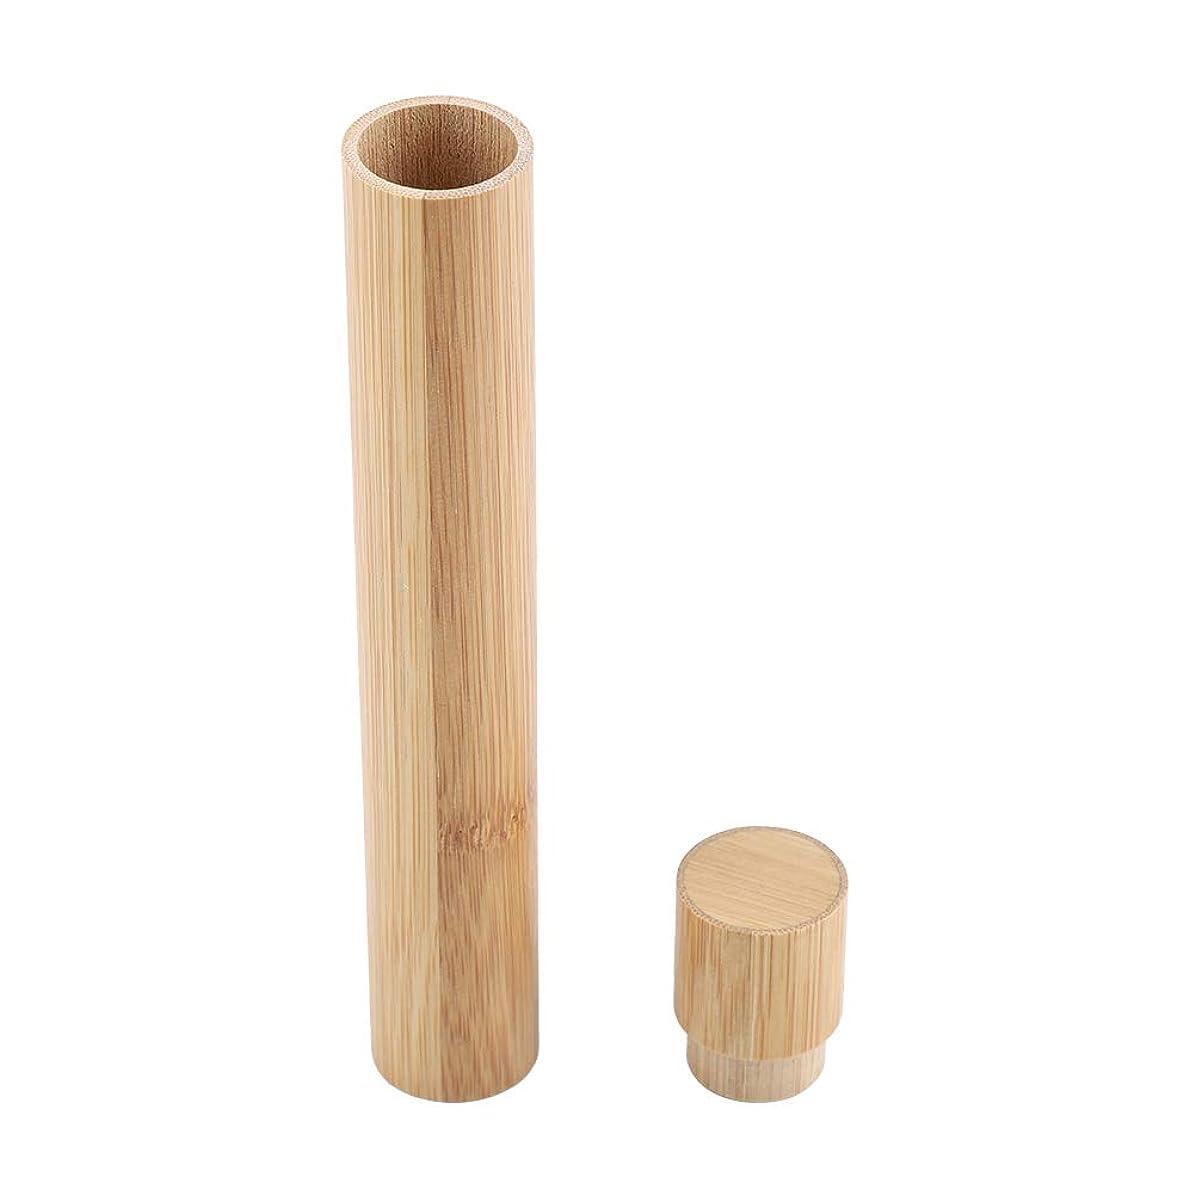 取得闘争廃止する歯ブラシケース ブラシホルダー ブラシ収納 ポータブル エコフレンドリー 木製 竹 トラベル用 プロテクト 収納ケース ブラシ保護